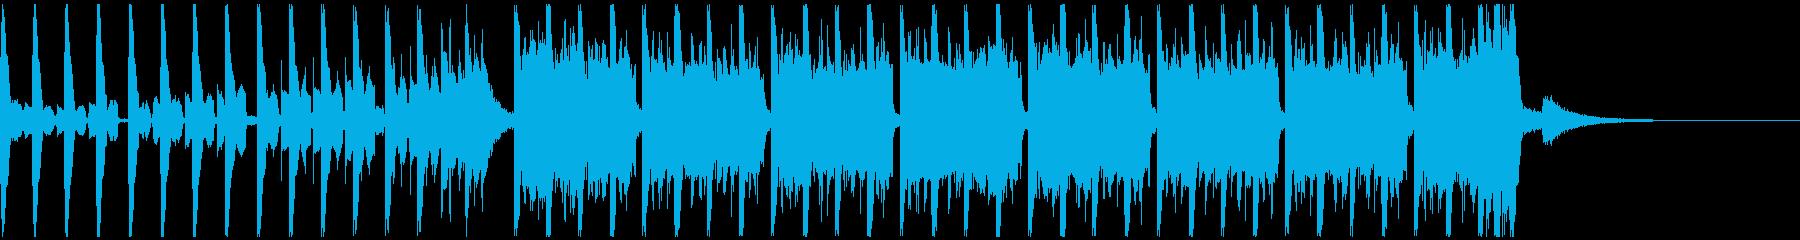 スポーツ(30秒)の再生済みの波形